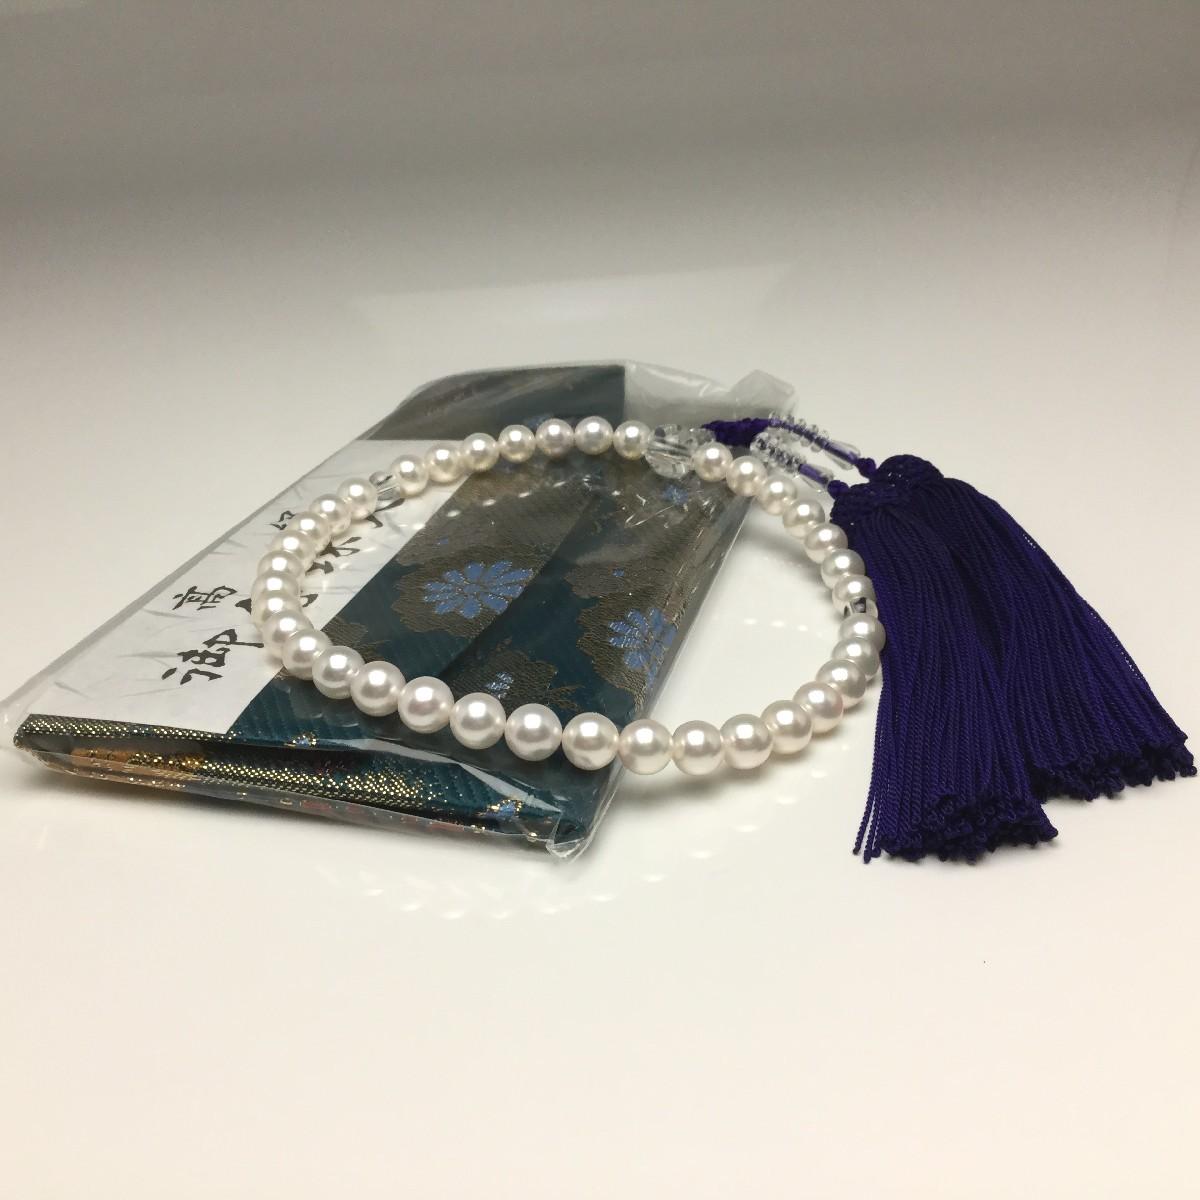 真珠 念珠(数珠) パール アコヤ真珠 7.0-7.5mm ホワイト 正絹房 水晶(クォーツ) 66513 イソワパール